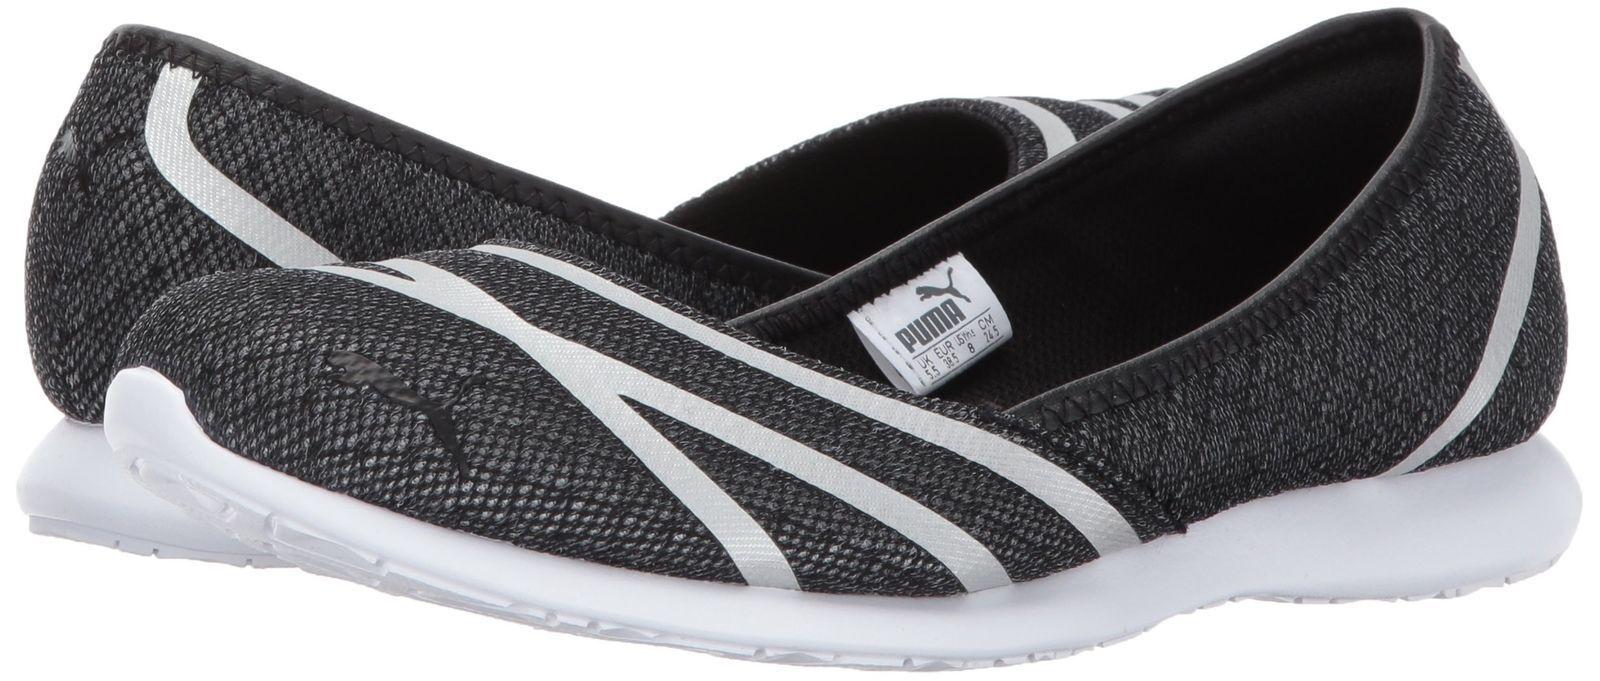 Neuer Frauen Vega Netz Ballerinas Schuhe Schwarz Weiß Damänner 363684-01 Zum